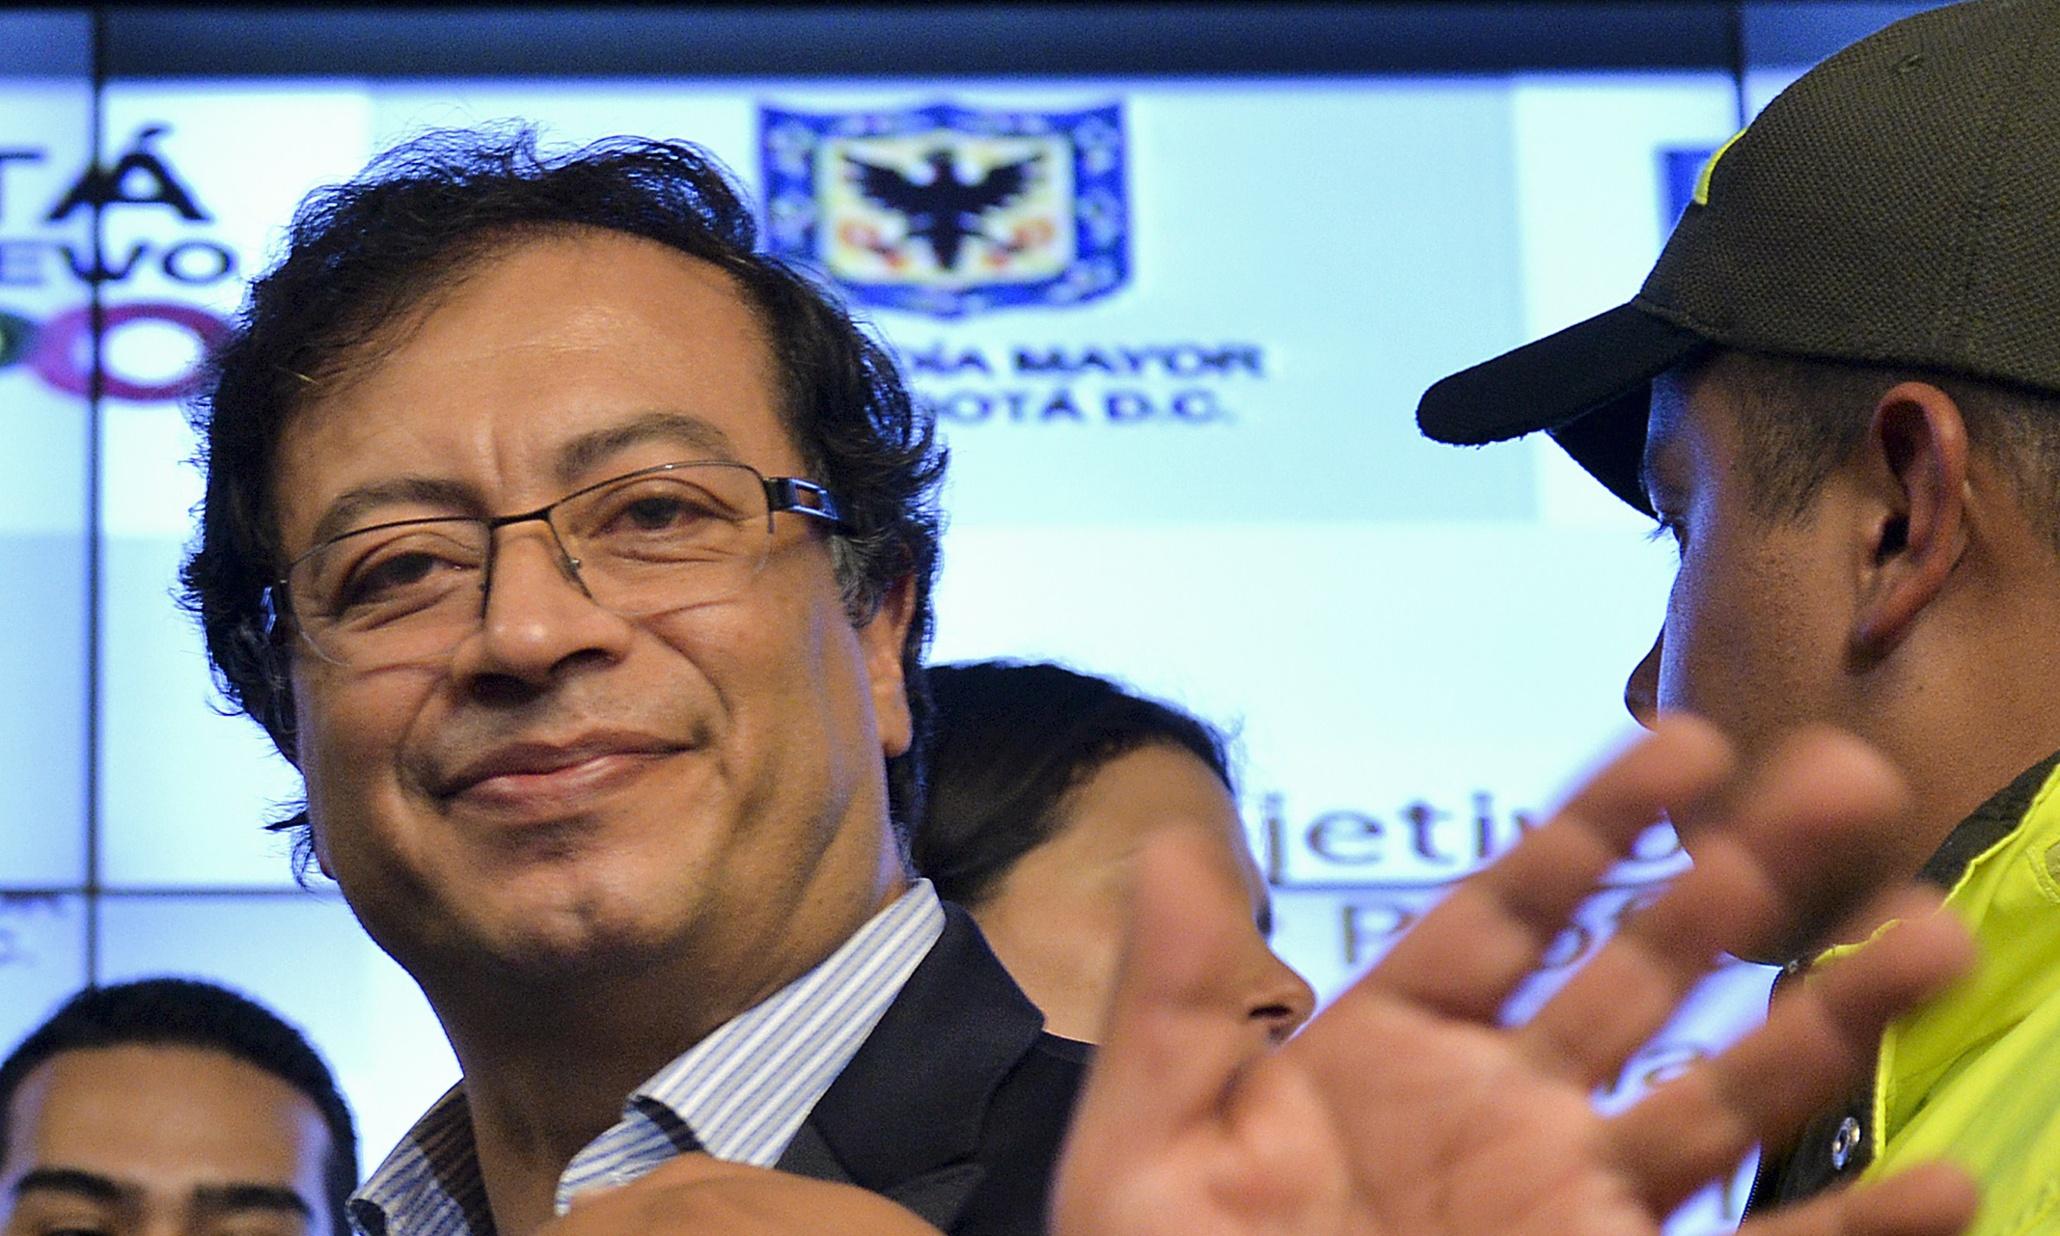 Bogota Mayor Gustavo Petro The Bogota Mayor Gustavo